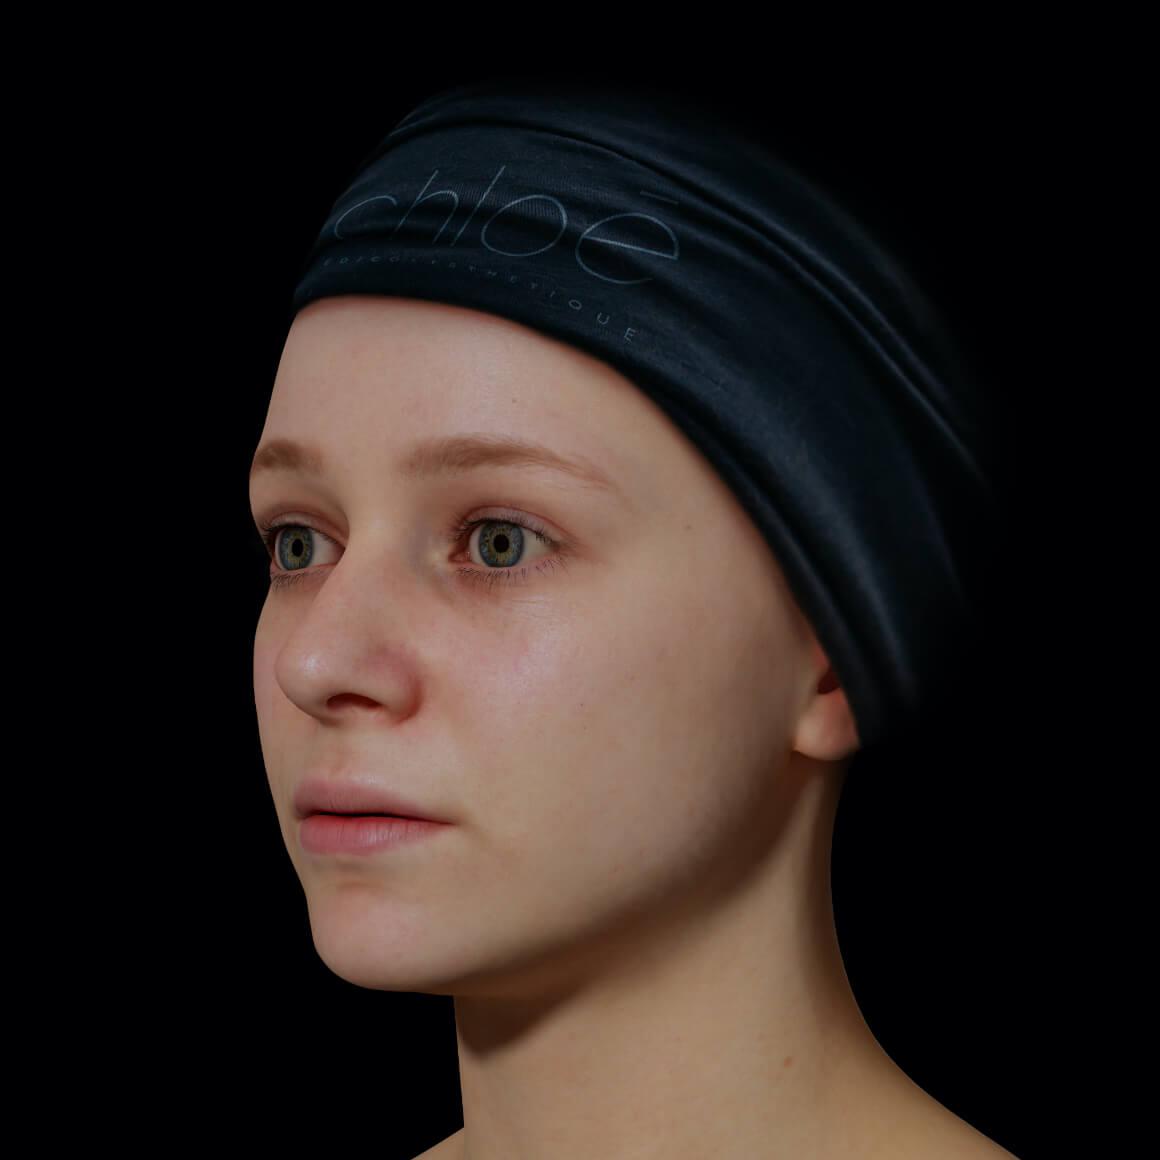 Jeune patiente de la Clinique Chloé positionnée en angle après des traitements de microneedling pour effacer les ridules